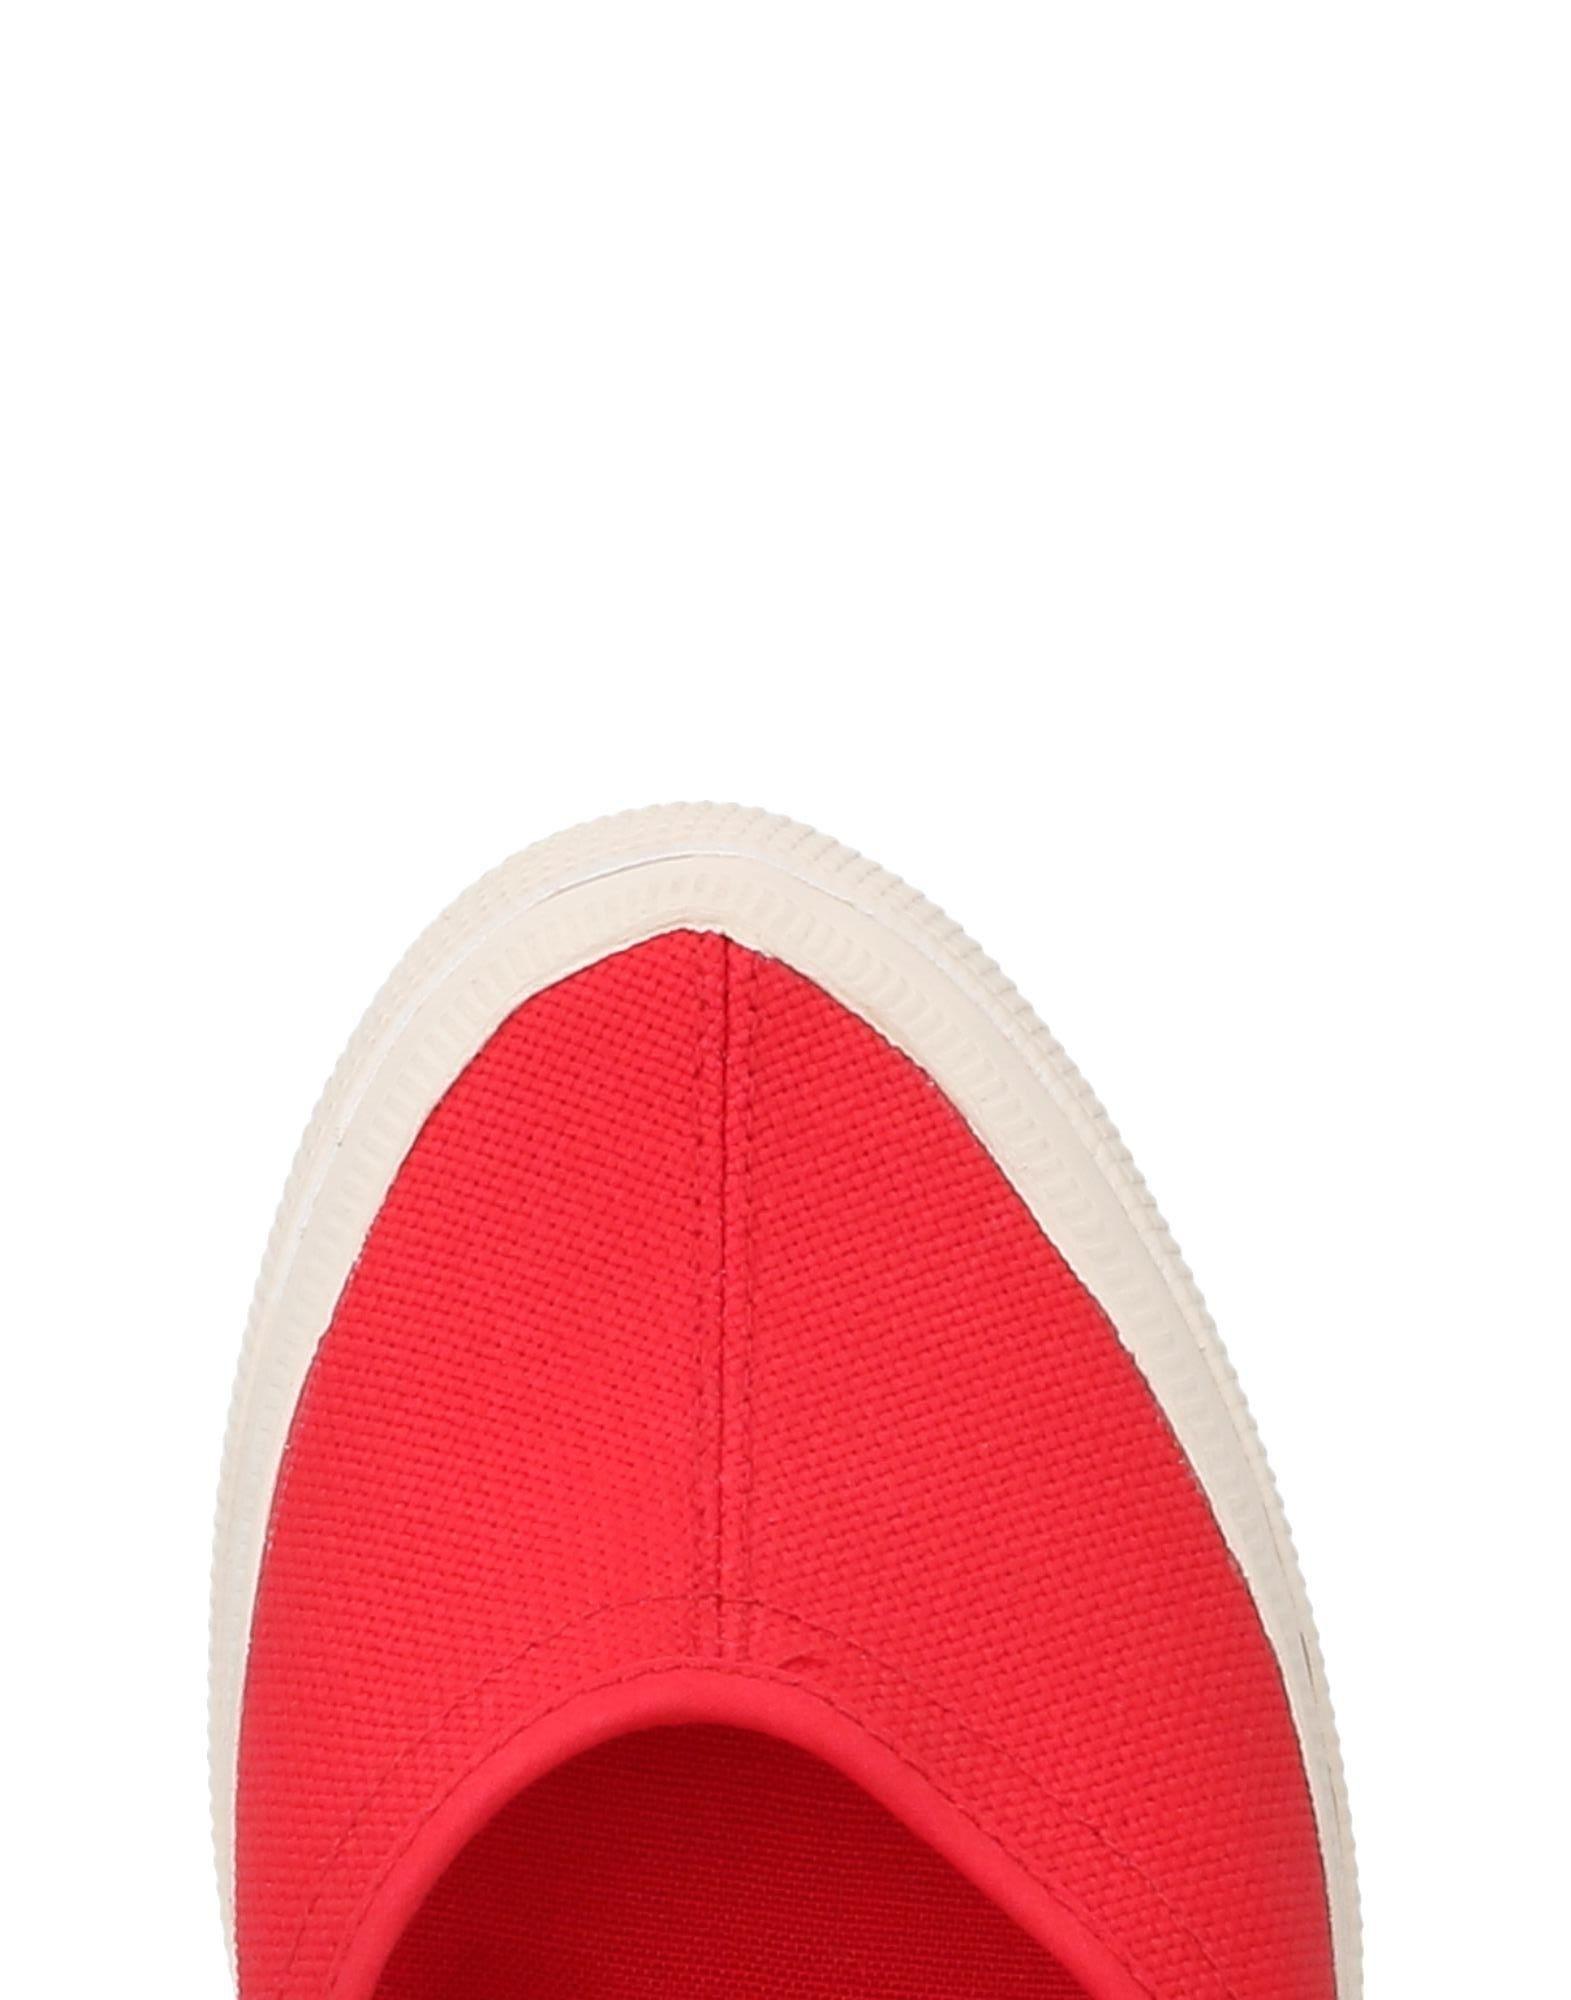 Superga® Pantoletten Damen 11484786IU Gute Gute Gute Qualität beliebte Schuhe 07d8be